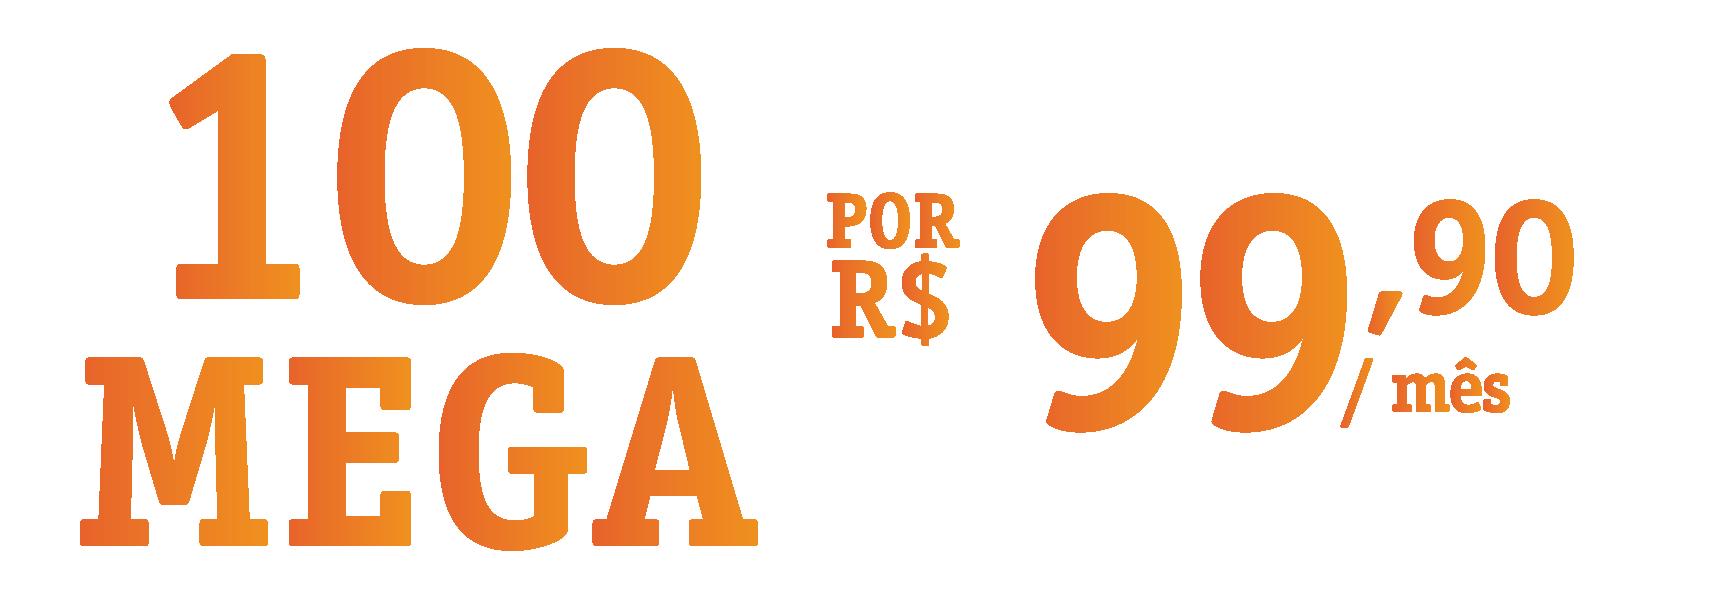 VIVO FIBRA 100 MEGA